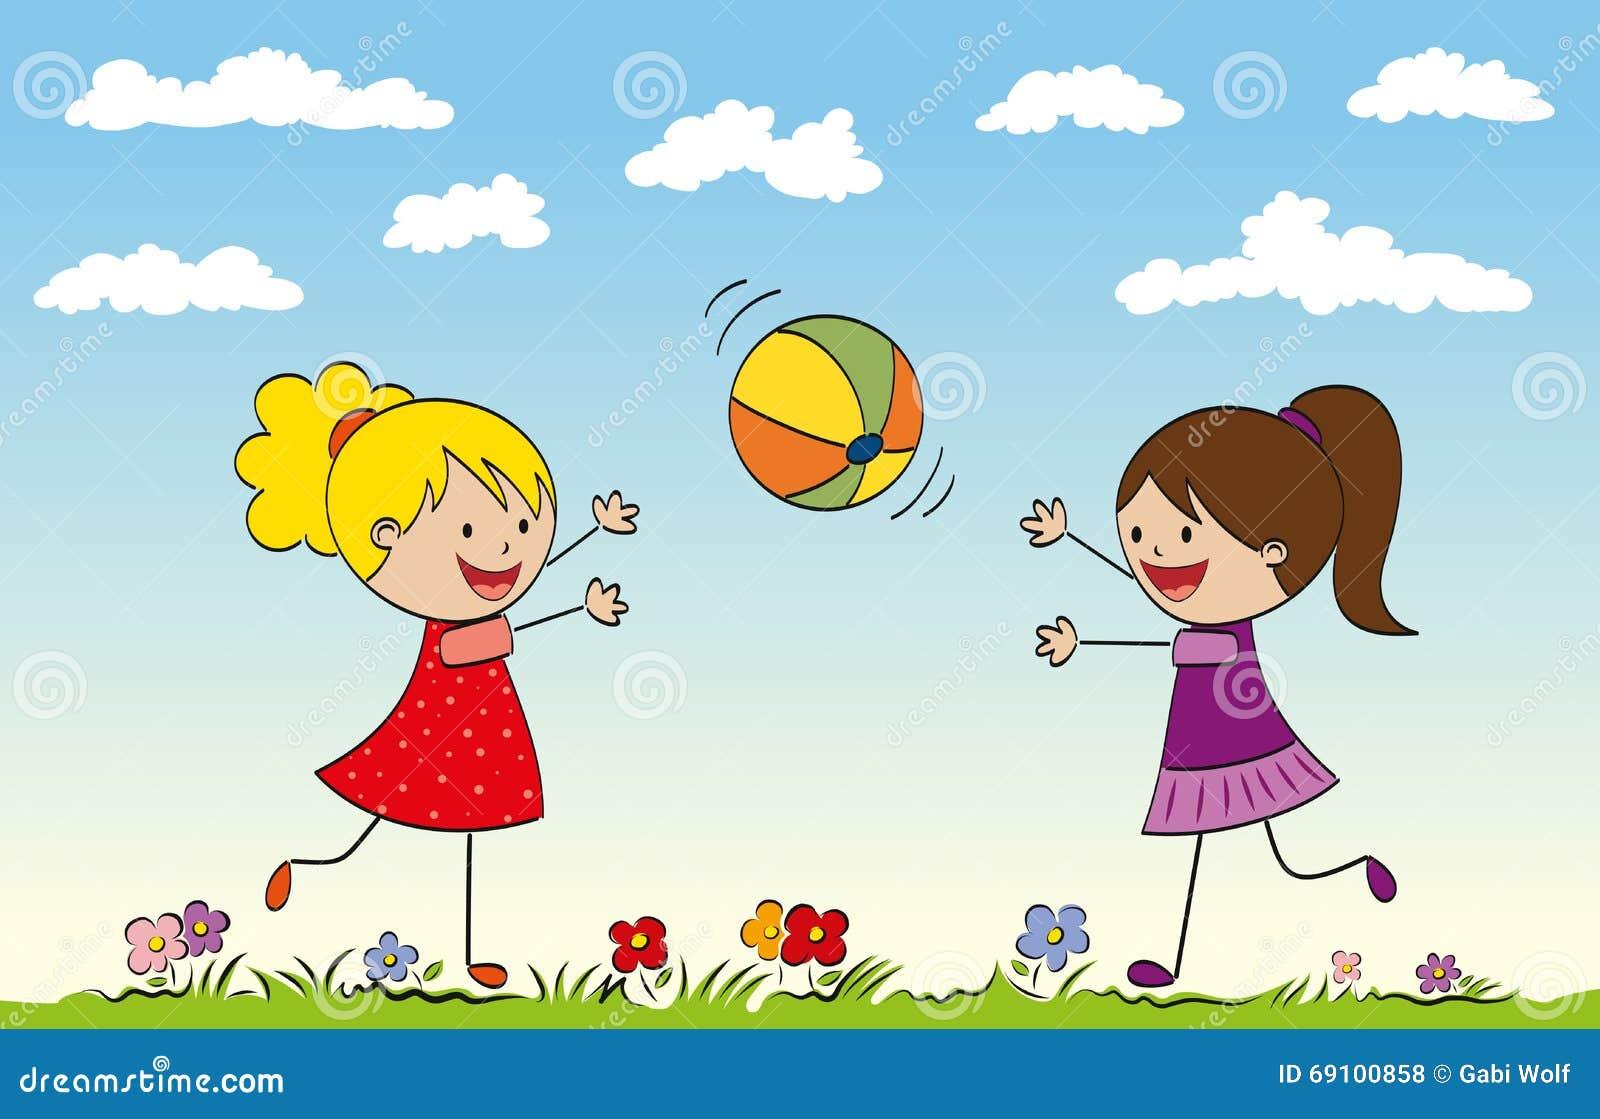 Spiele Mit Einem Ball